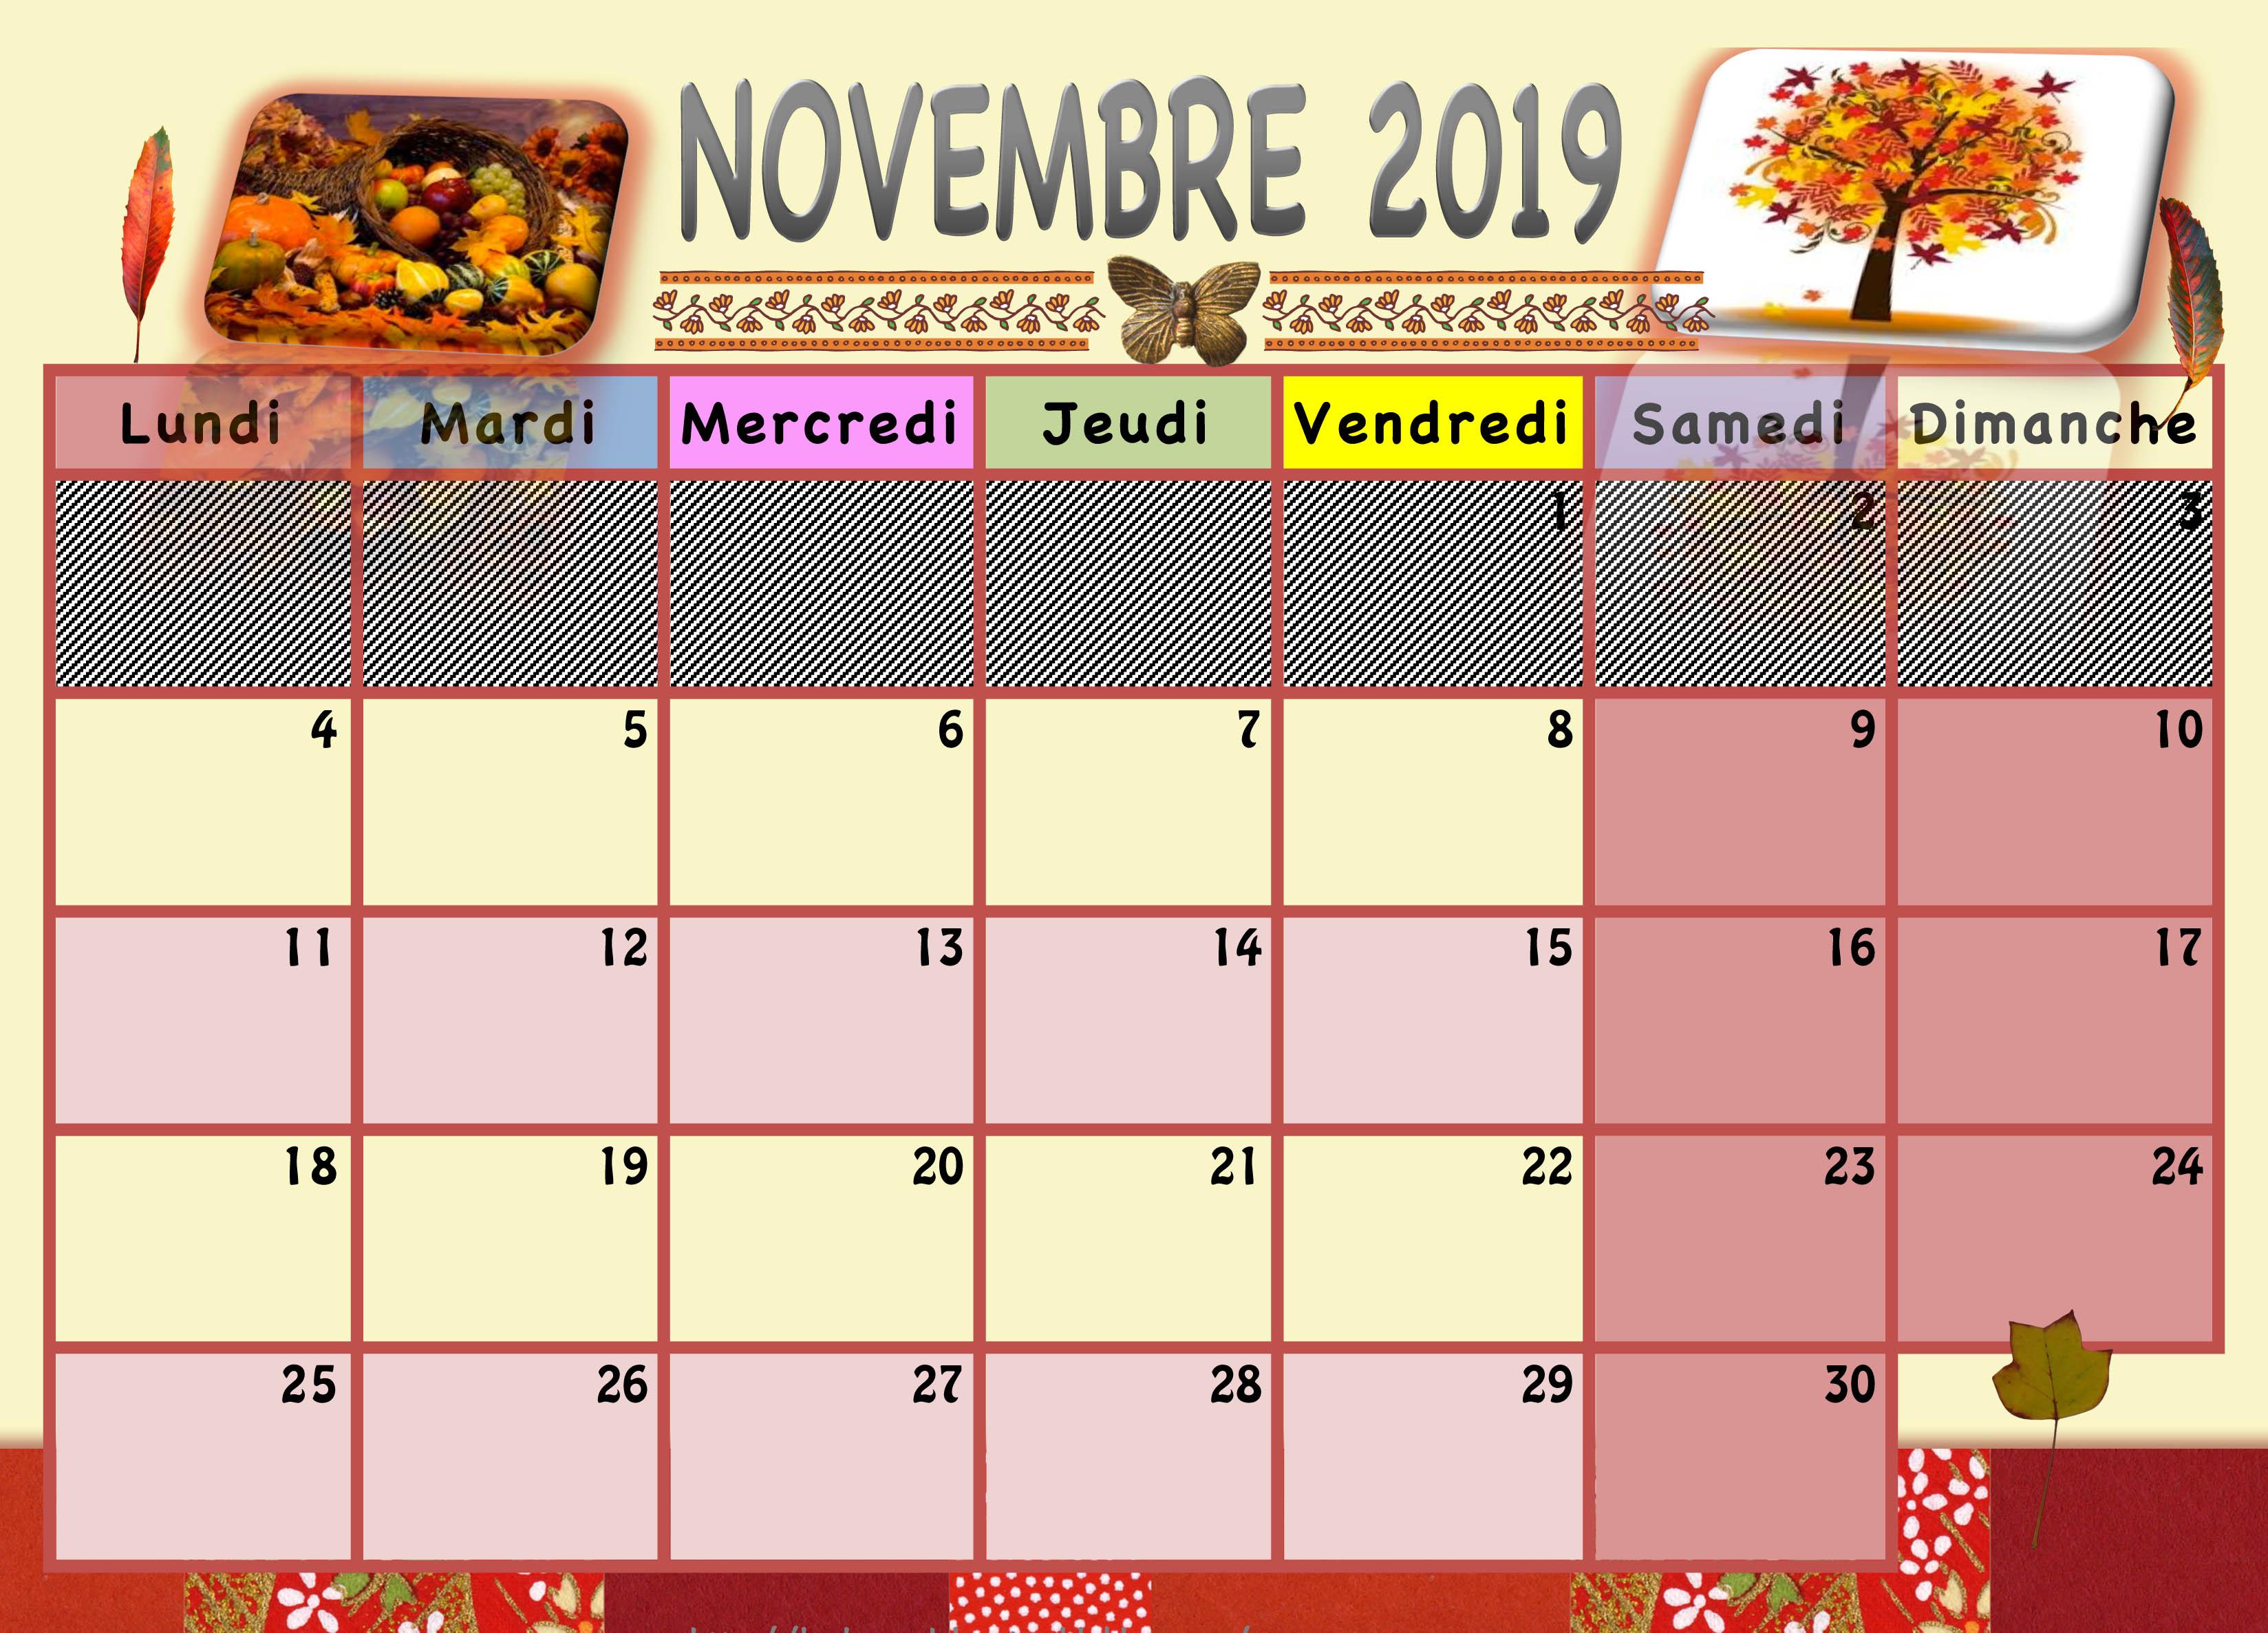 Calendrier A Imprimer Novembre 2019.Calendrier Enfant 2019 2020 La Classe De Luccia